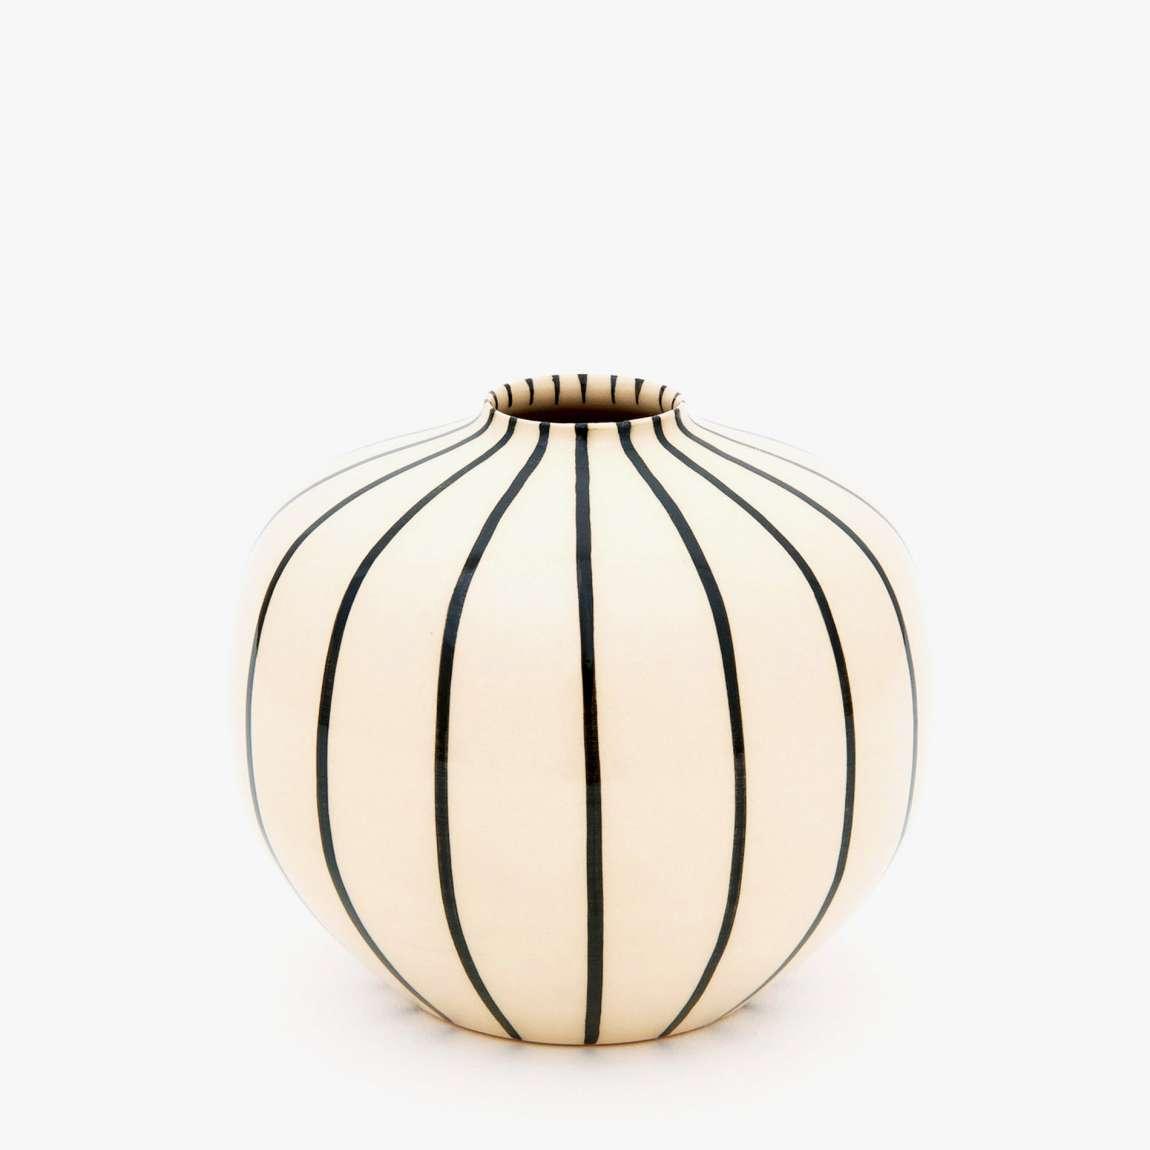 schwarz wei e hb ritz keramik von hedwig bollhagen zeitlos sch n. Black Bedroom Furniture Sets. Home Design Ideas